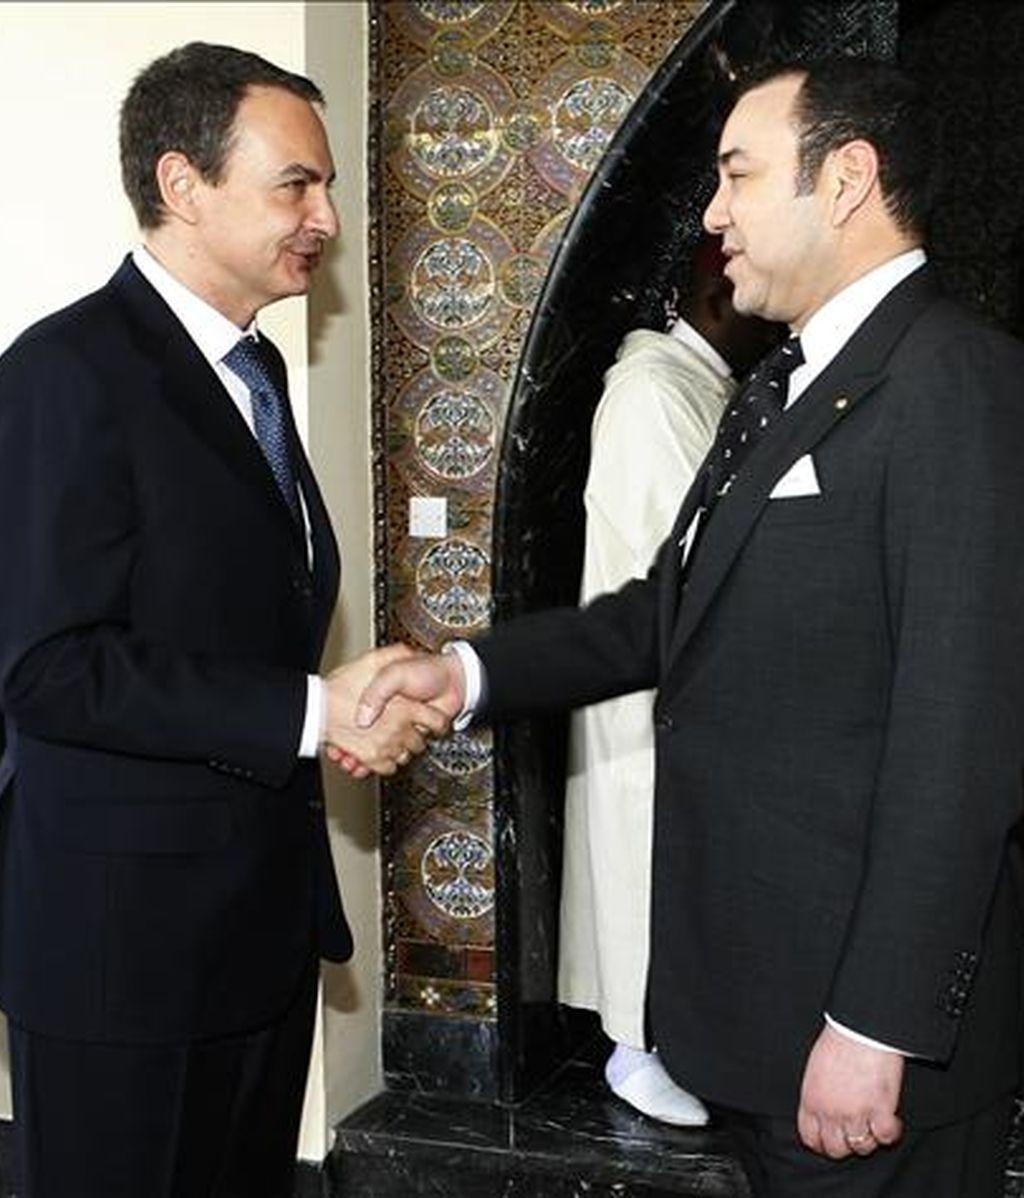 El presidente del Gobierno español, José Luis Rodríguez Zapatero (i), saluda al Rey Mohamed VI de Marruecos, durante la audiencia ofrecida por el monarca en el Palacio Daar Es Salam de la capital marroquí tras concluir la VIII Reunión de Alto Nivel entre los dos países centrada en las relaciones económicas y las inversiones, la inmigración y el futuro del Sahara Occidental. EFE/Archivo